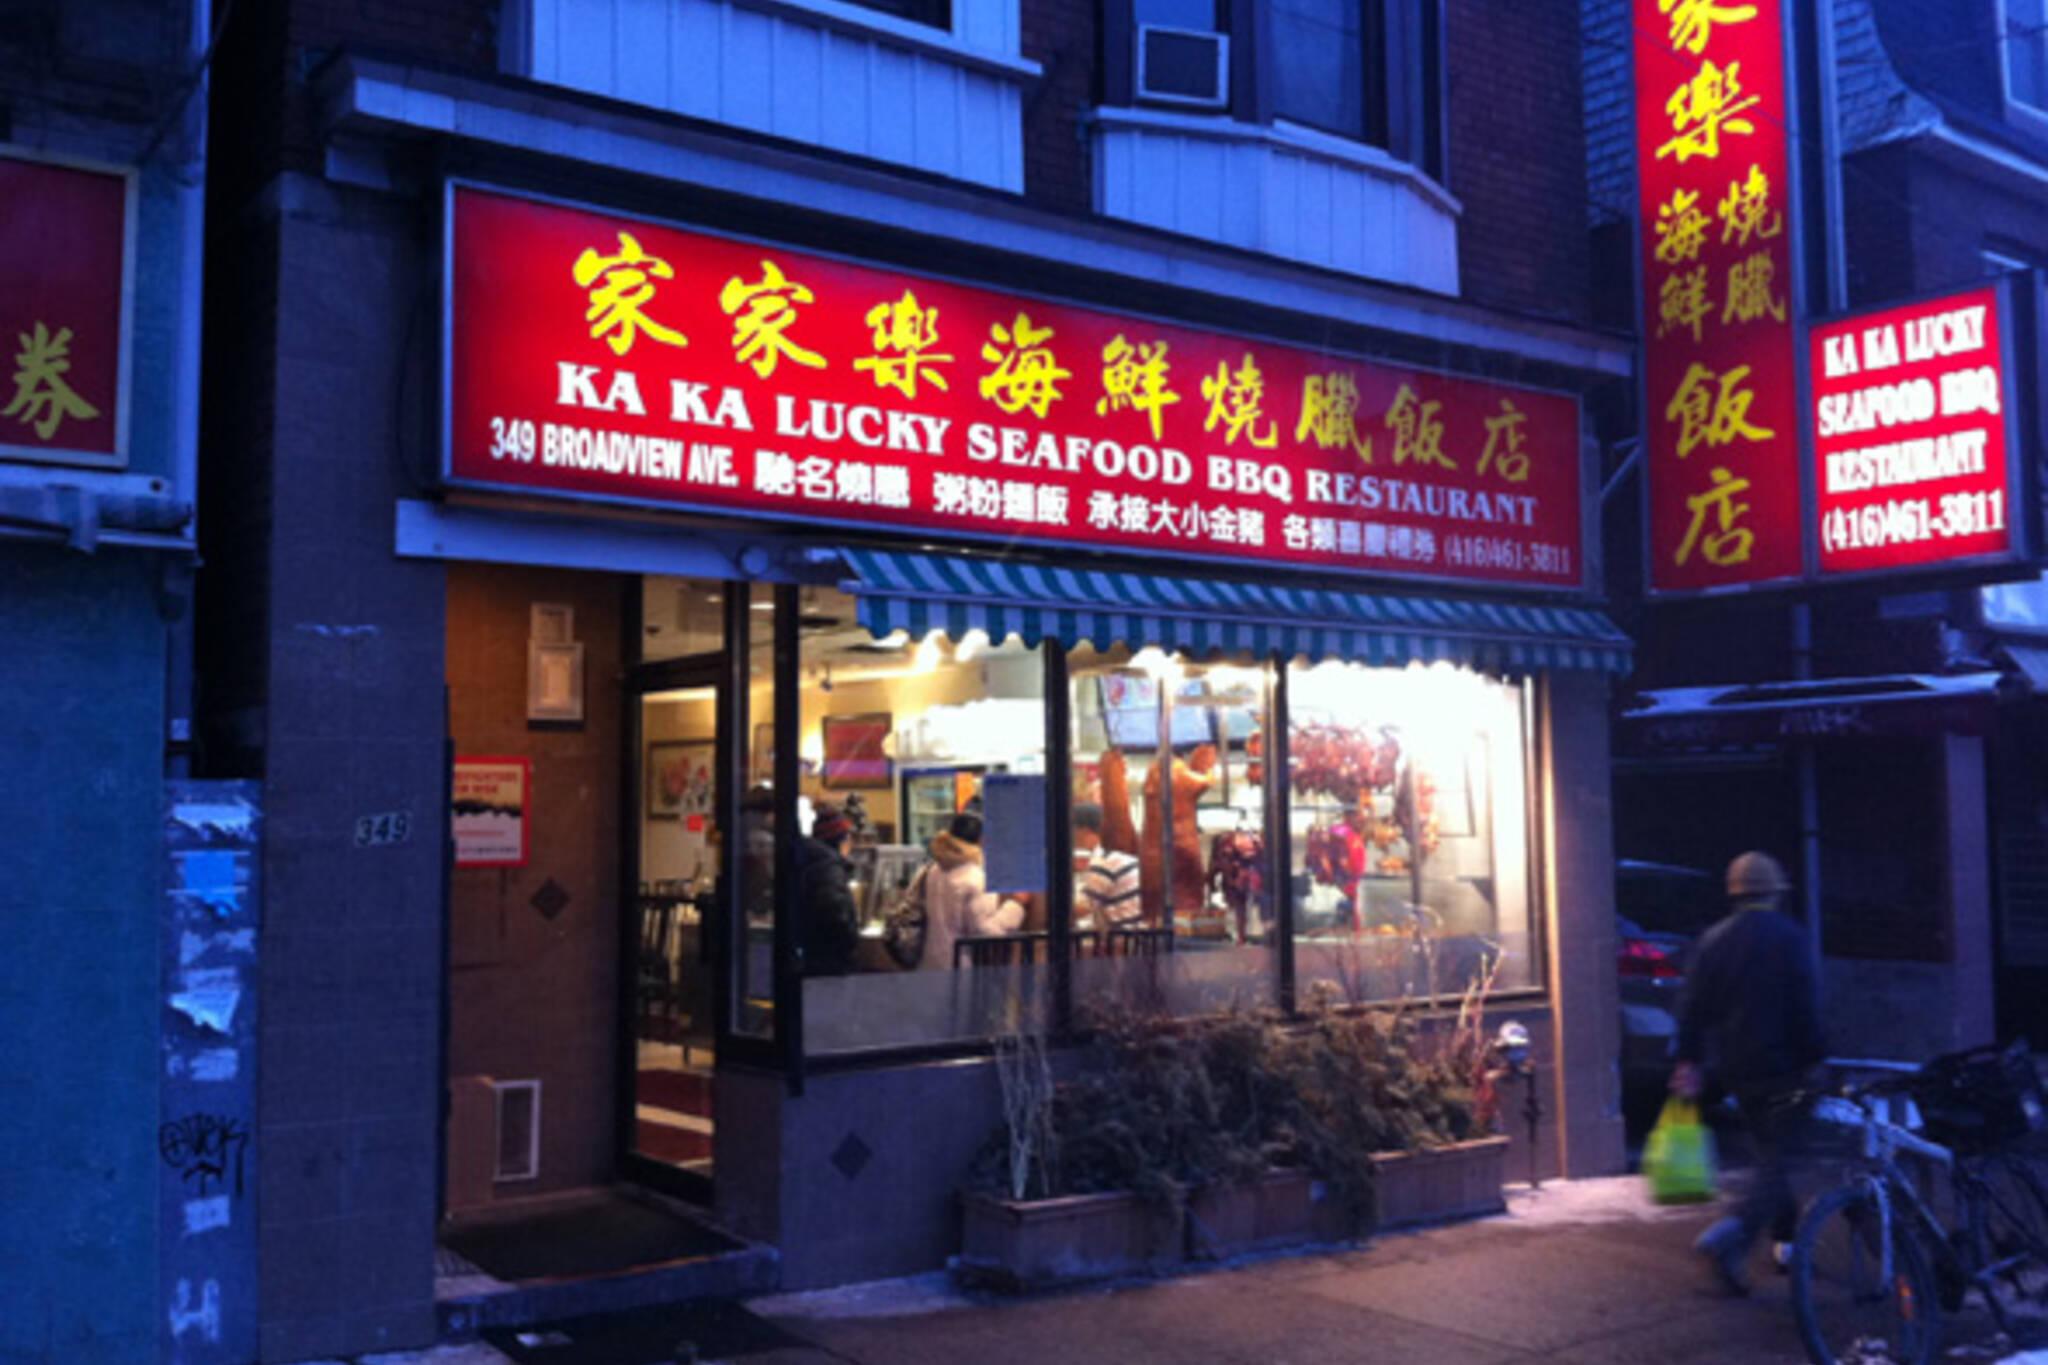 Ka Ka Lucky Seafood